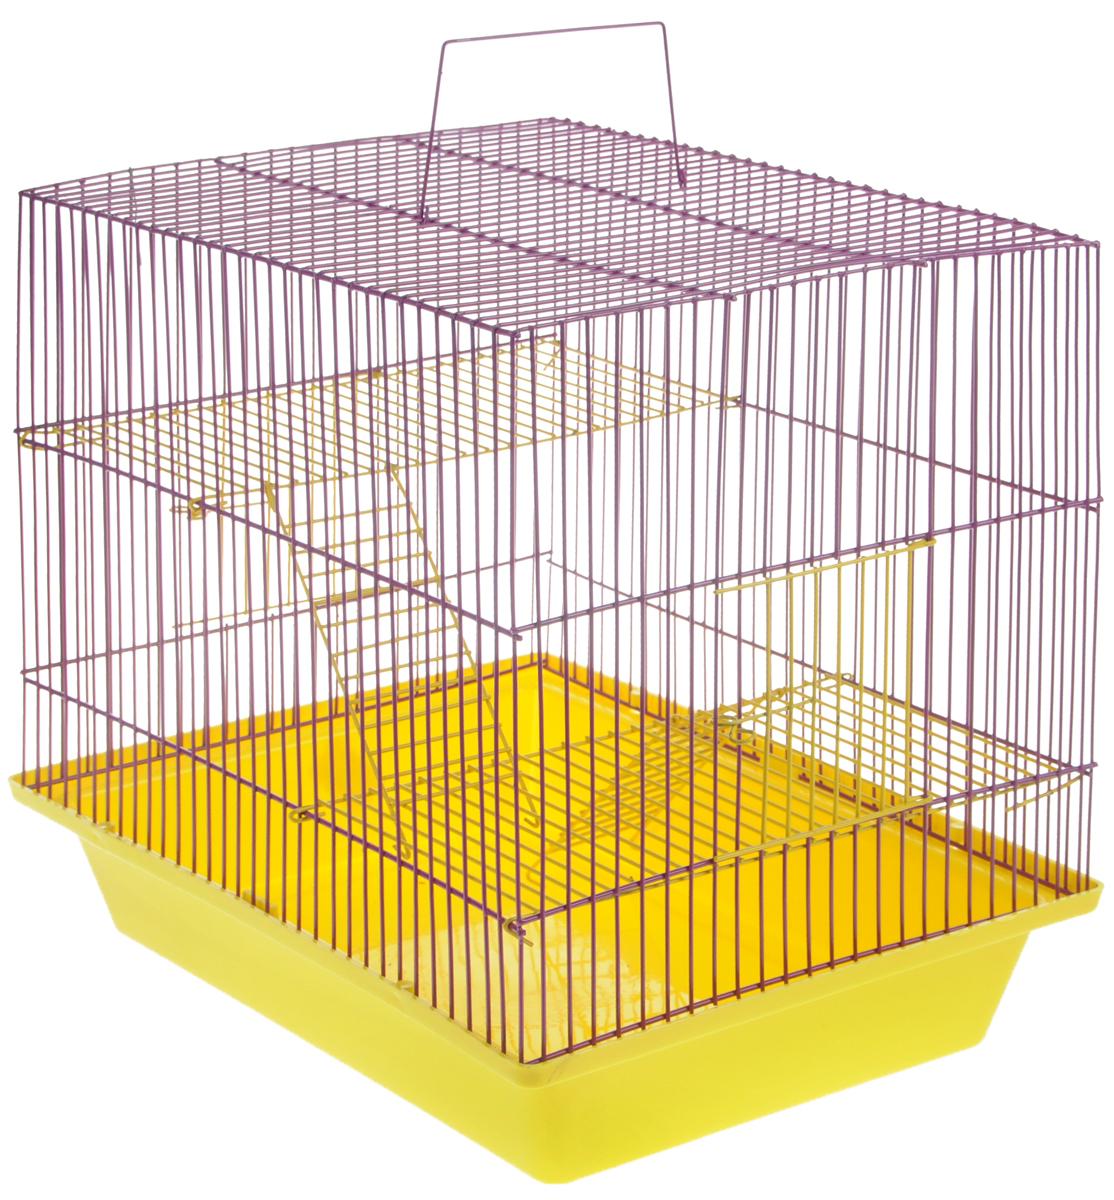 Клетка для грызунов ЗооМарк Гризли, 3-этажная, цвет: в ассортименте, 41 х 30 х 36 см. 230ж230жЖФКлетка ЗооМарк Гризли, выполненная из полипропилена и металла, подходит для мелких грызунов. Изделие трехэтажное. Клетка имеет яркий поддон, удобна в использовании и легко чистится. Сверху имеется ручка для переноски. Такая клетка станет уединенным личным пространством и уютным домиком для маленького грызуна. Уважаемые клиенты! Обращаем ваше внимание на цветовой ассортимент товара. Поставка осуществляется в зависимости от наличия на складе.